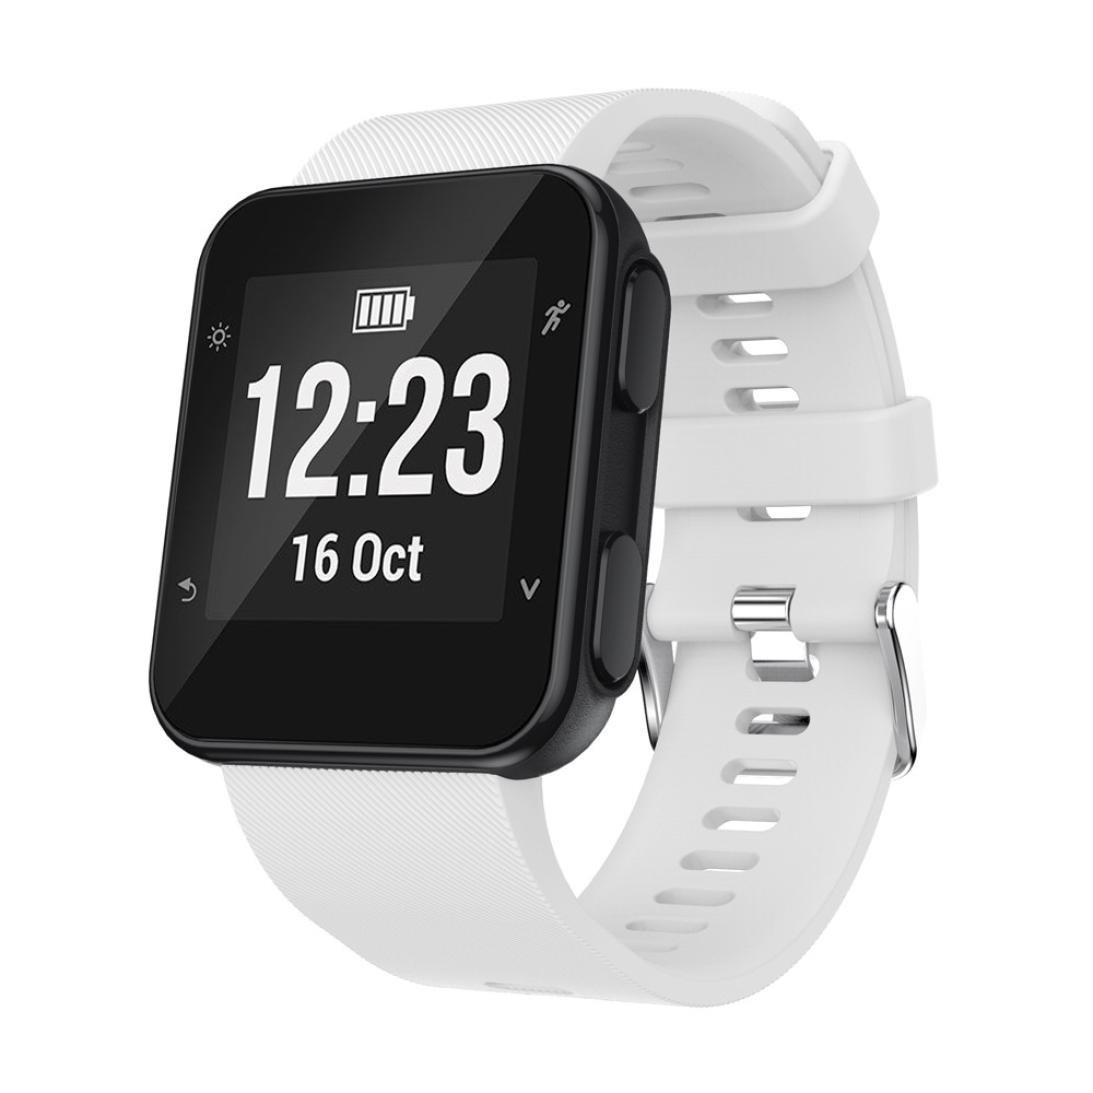 交換用リストバンド時計バンド手首ストラップSilicagelソフトバンドストラップfor Garmin Forerunner 35 Watch 230MM ホワイト ホワイト ホワイト B0734NZ1K8